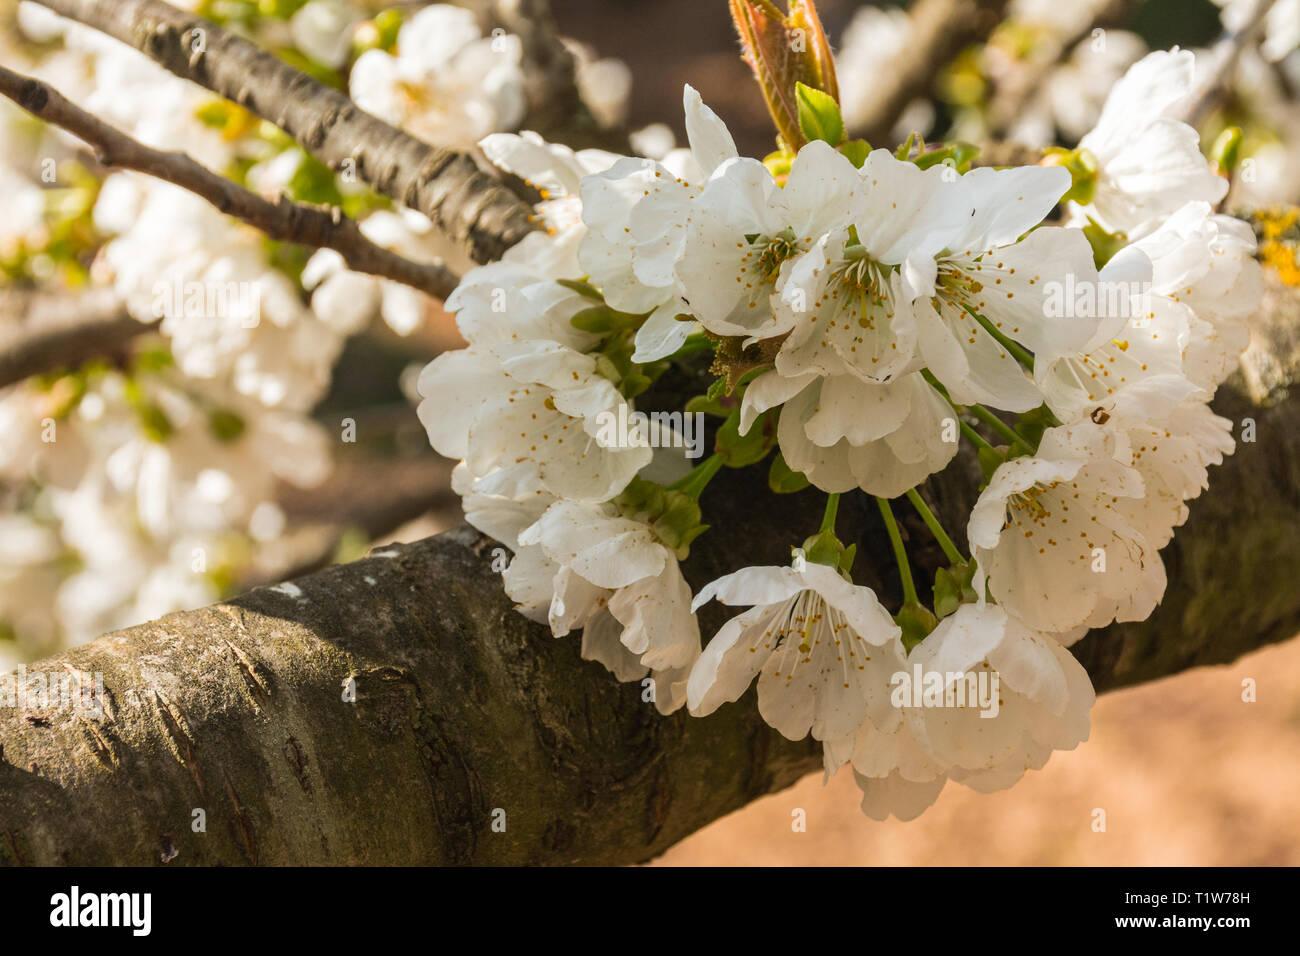 Foto Di Alberi Da Frutto fiori bianchi di alberi da frutto che crescono su di un ramo